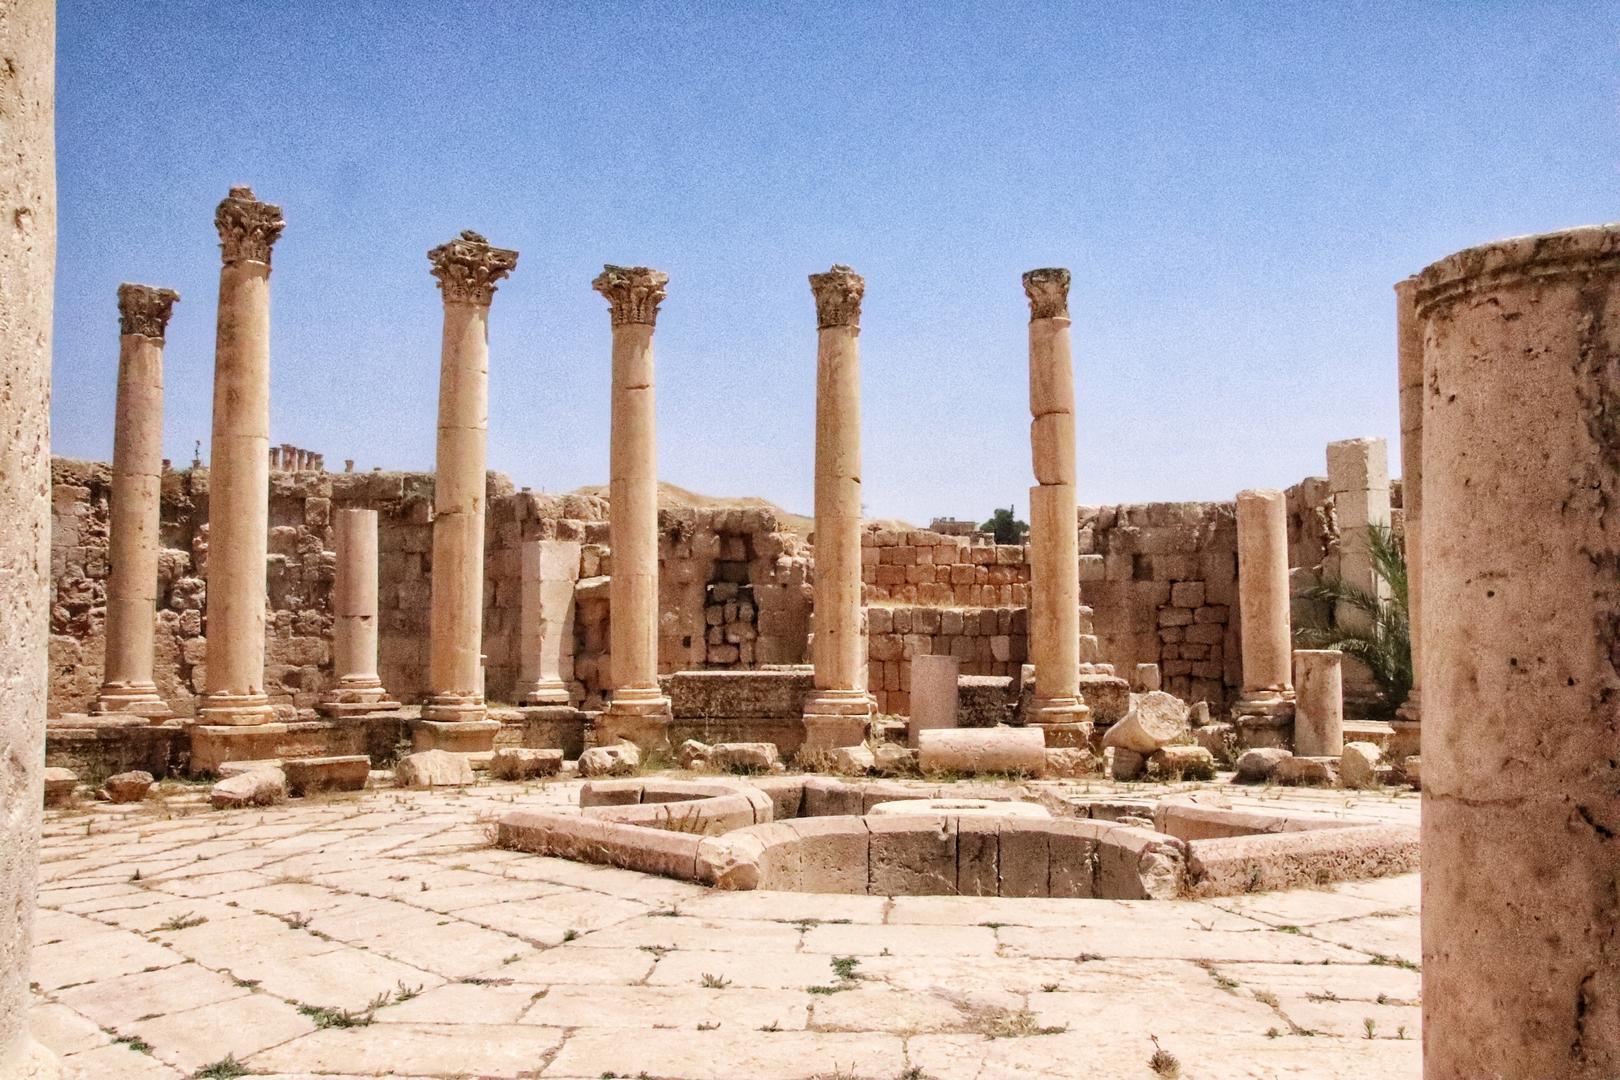 Jordanie - Colonnes sur le site romain de Jerash